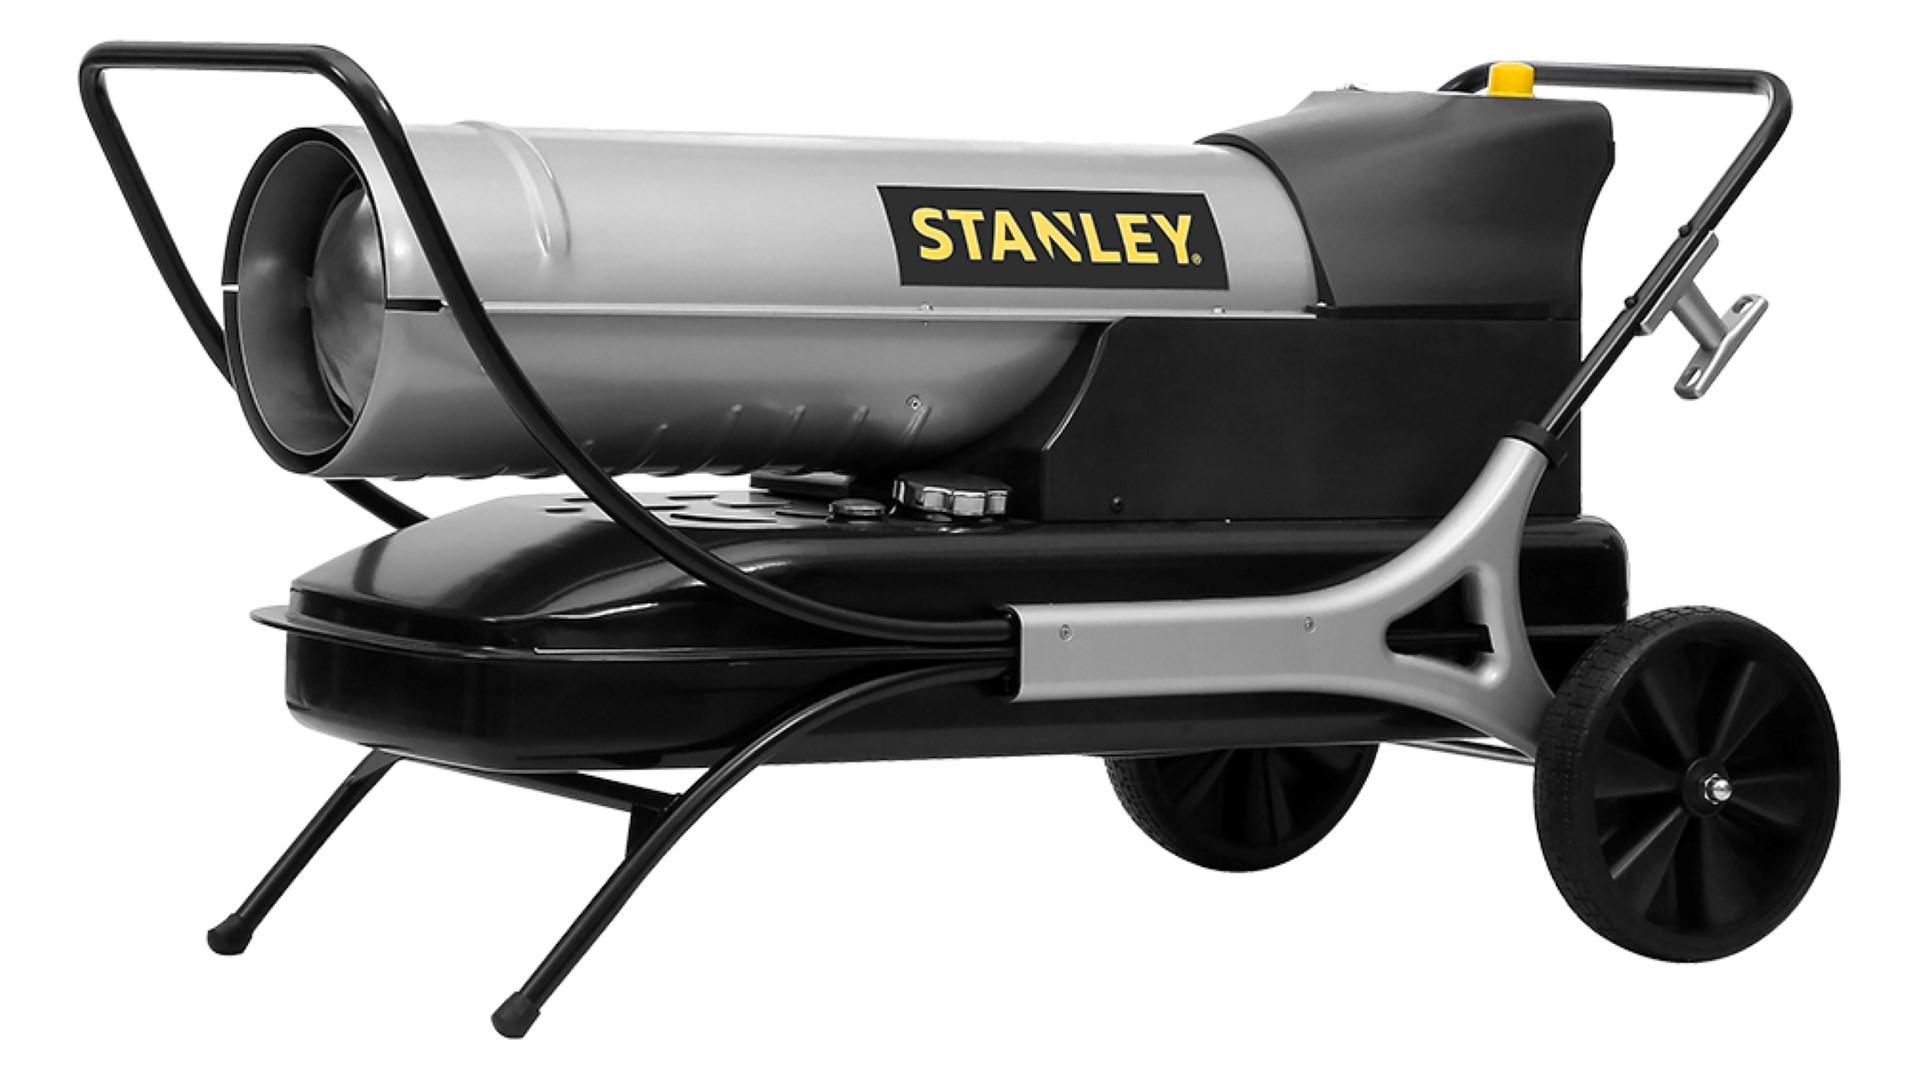 Stanley - heteluchtkanon - diesel - 51.2 kw